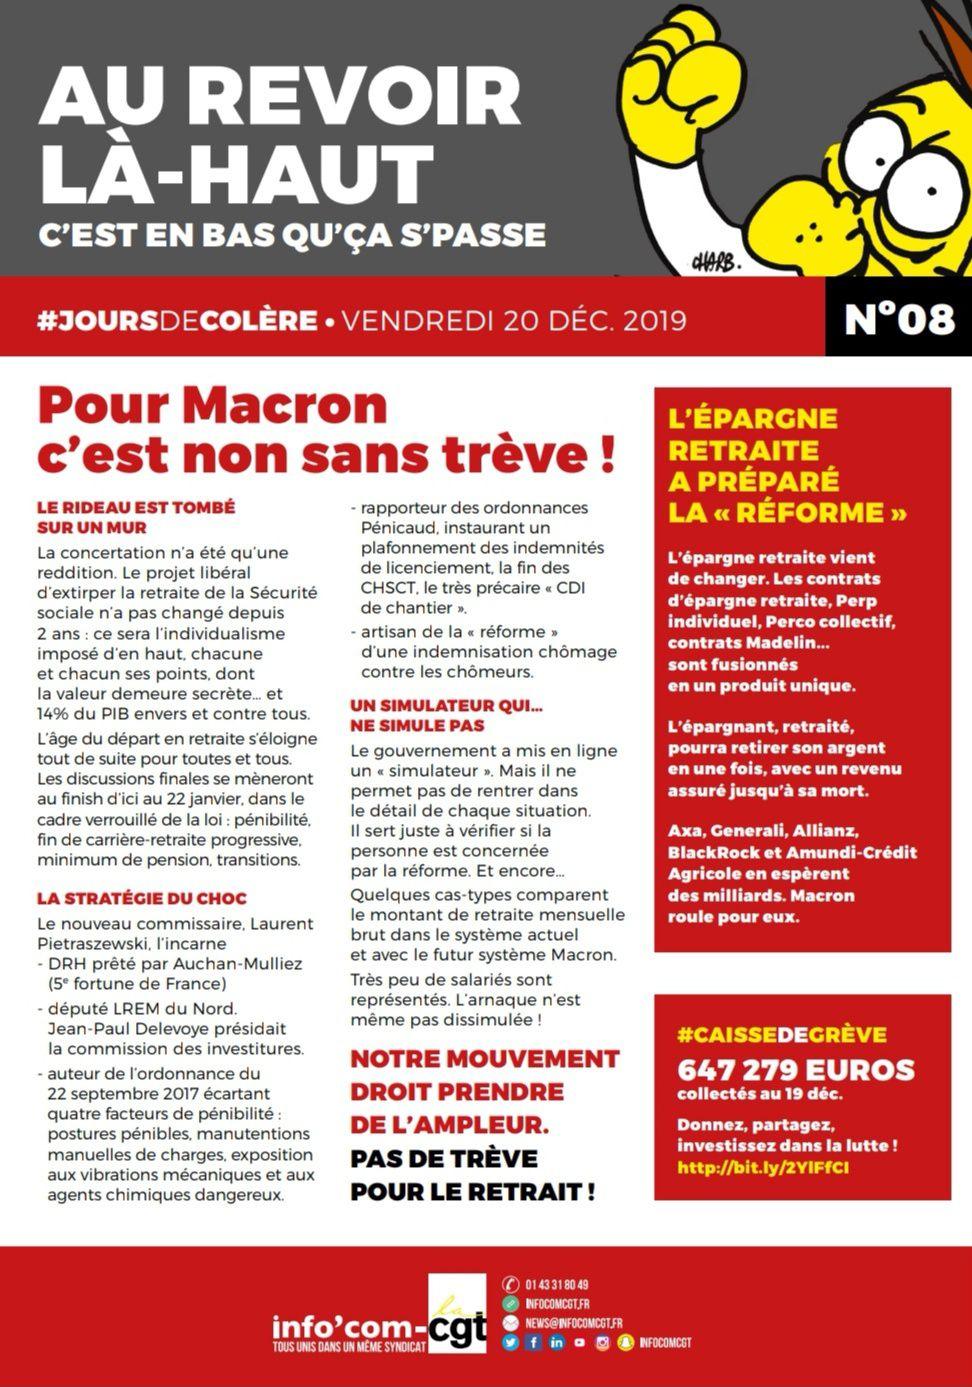 AU REVOIR LÀ-HAUT C'EST EN BAS QU'ÇA S'PASSE ▪️VENDREDI 20 DÉC 2019 - N°08